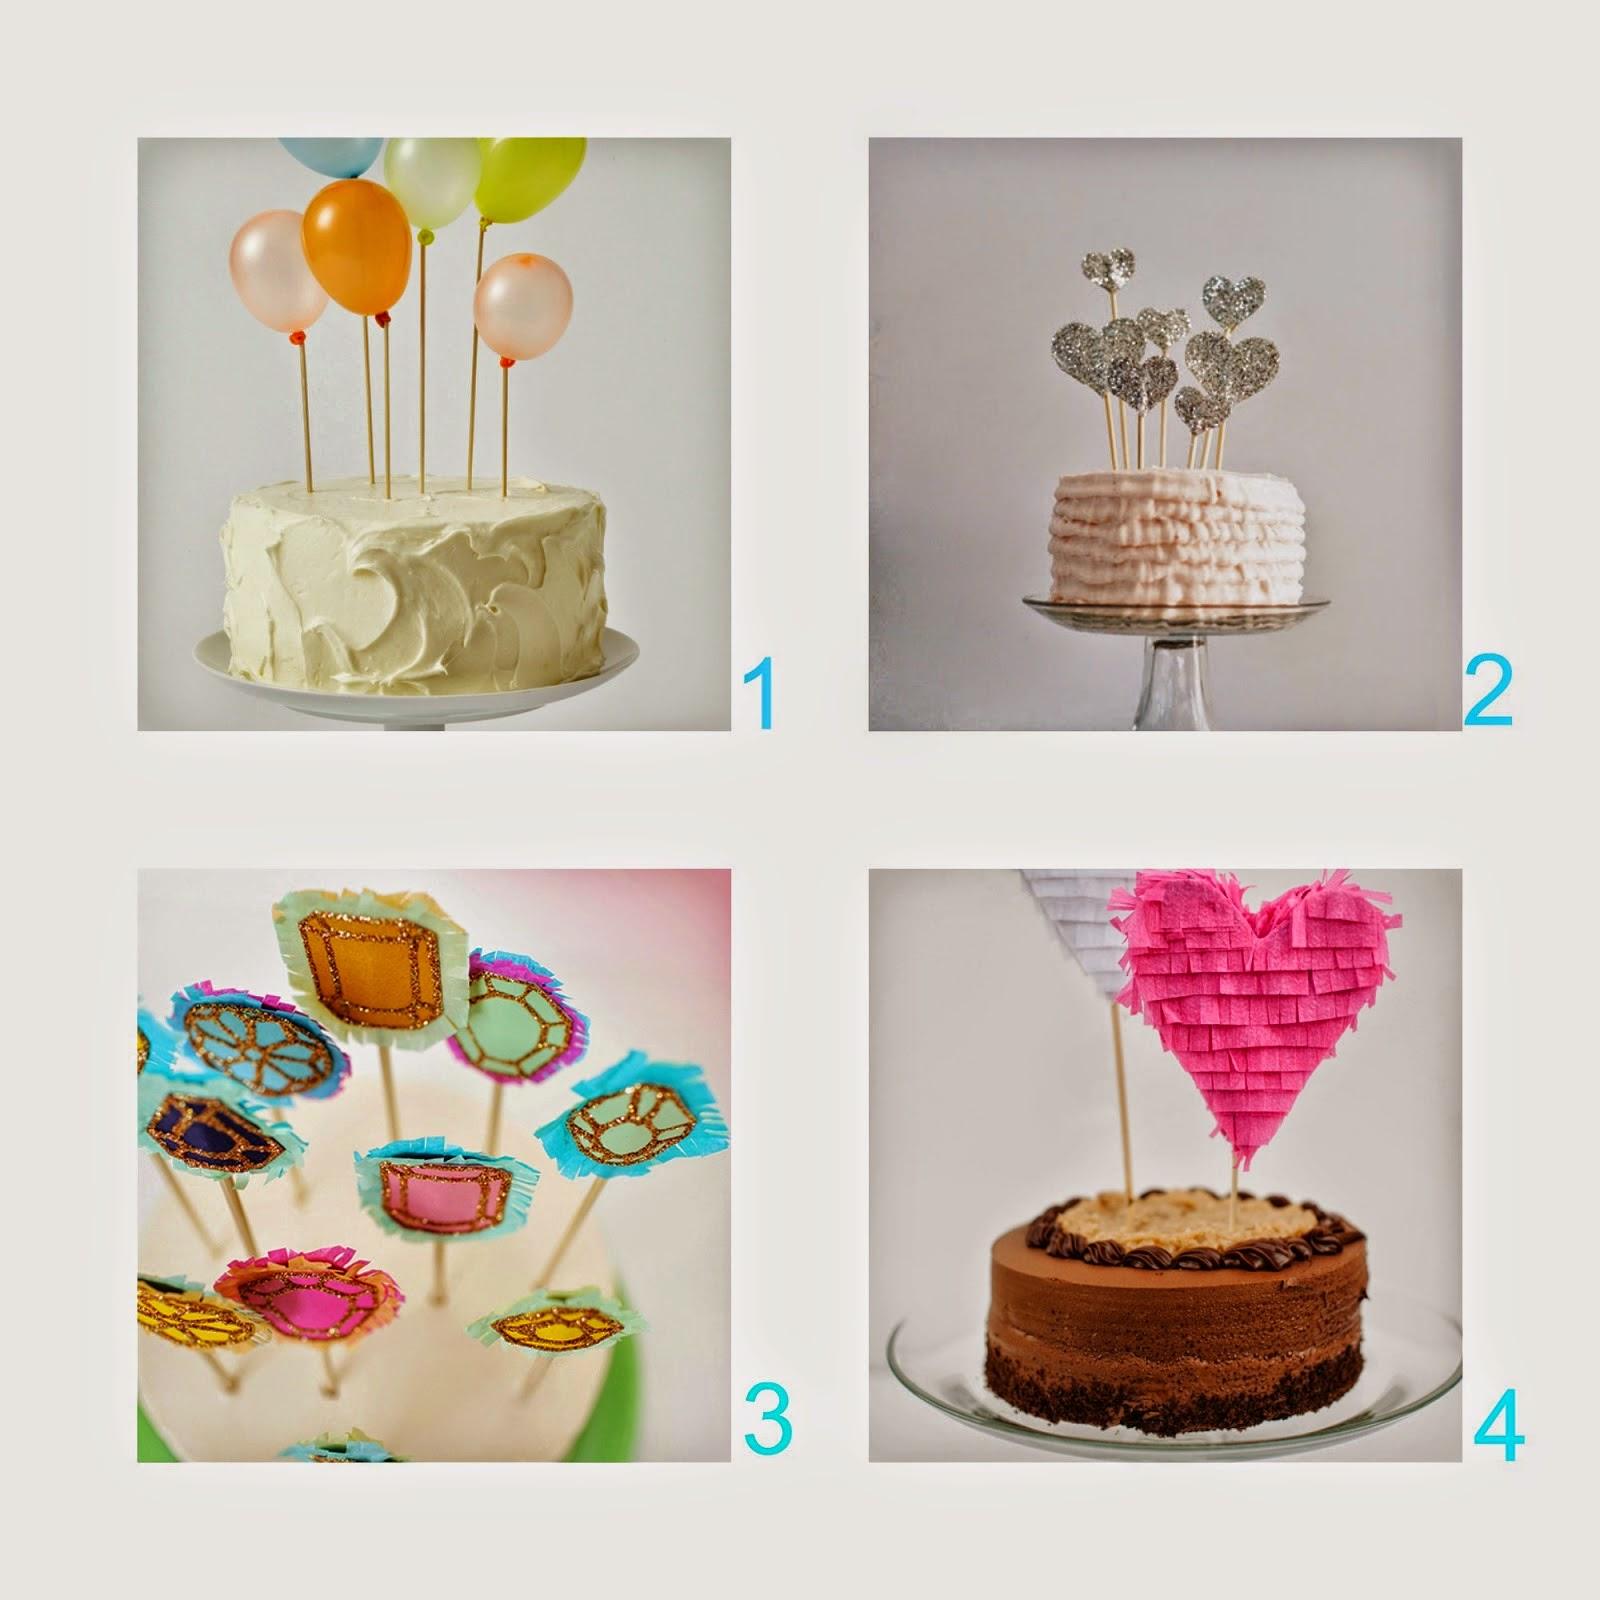 Come Decorare Torte Di Compleanno Fantastiche Idee Fai Da Te Facili E Di Sicuro Successo Tutorial Dal Web Donneinpink Magazine